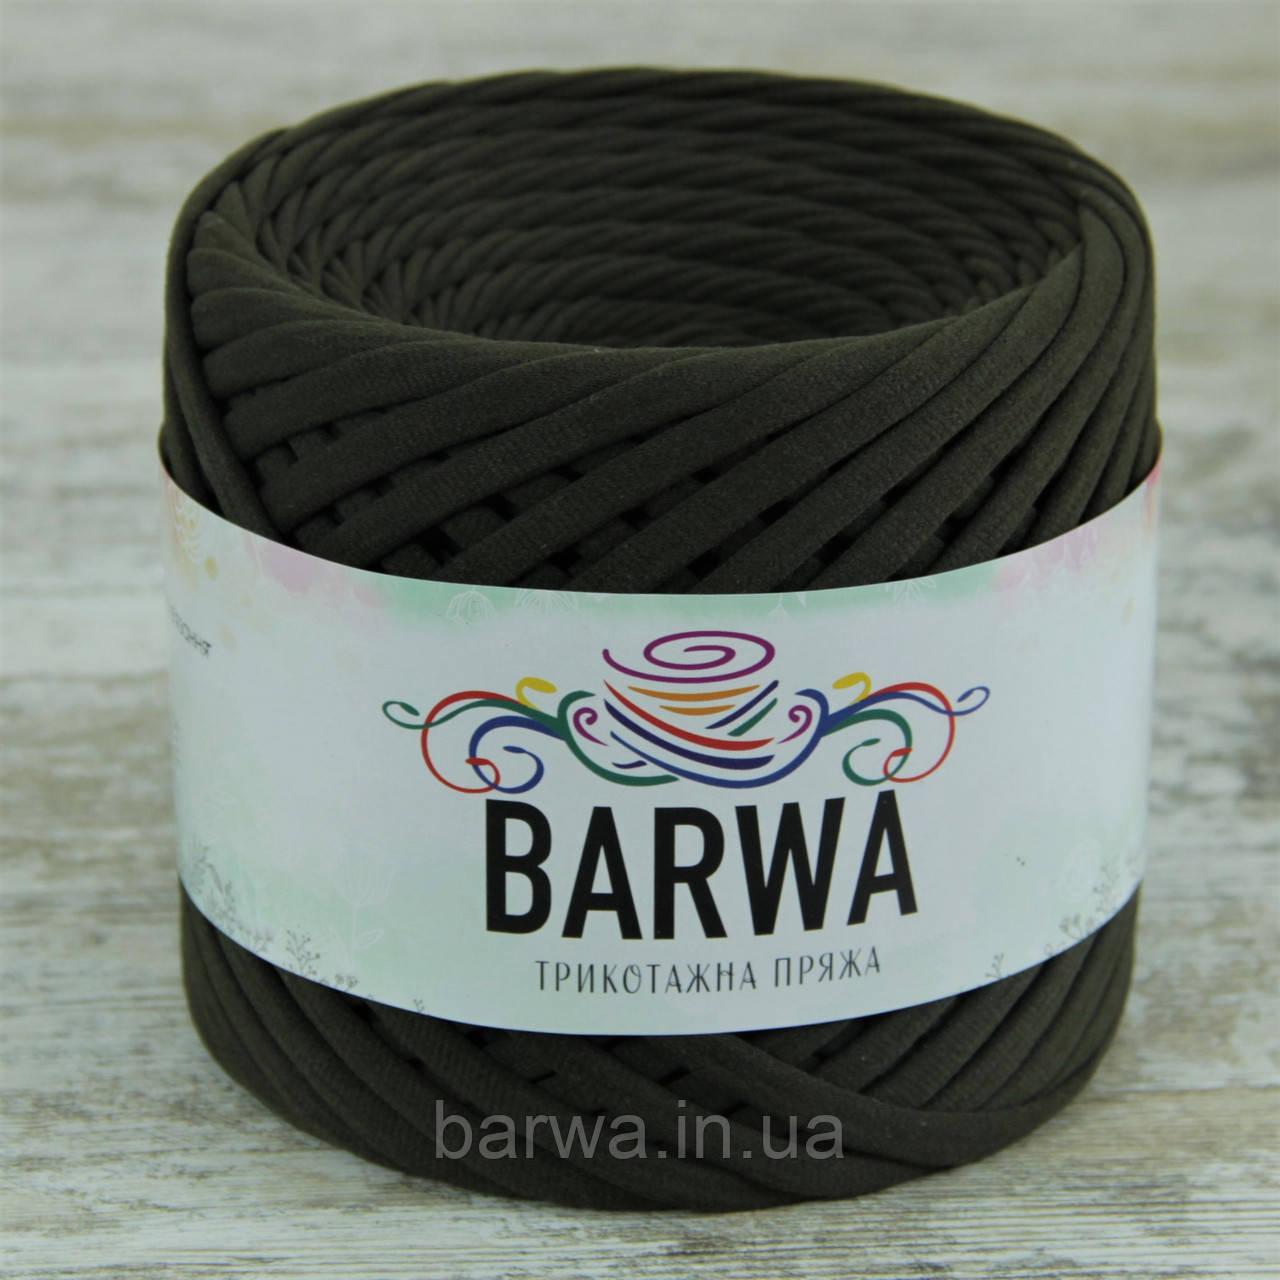 Трикотажная пряжа BARWA light 5-7 мм, цвет Милитари ( темный хаки)